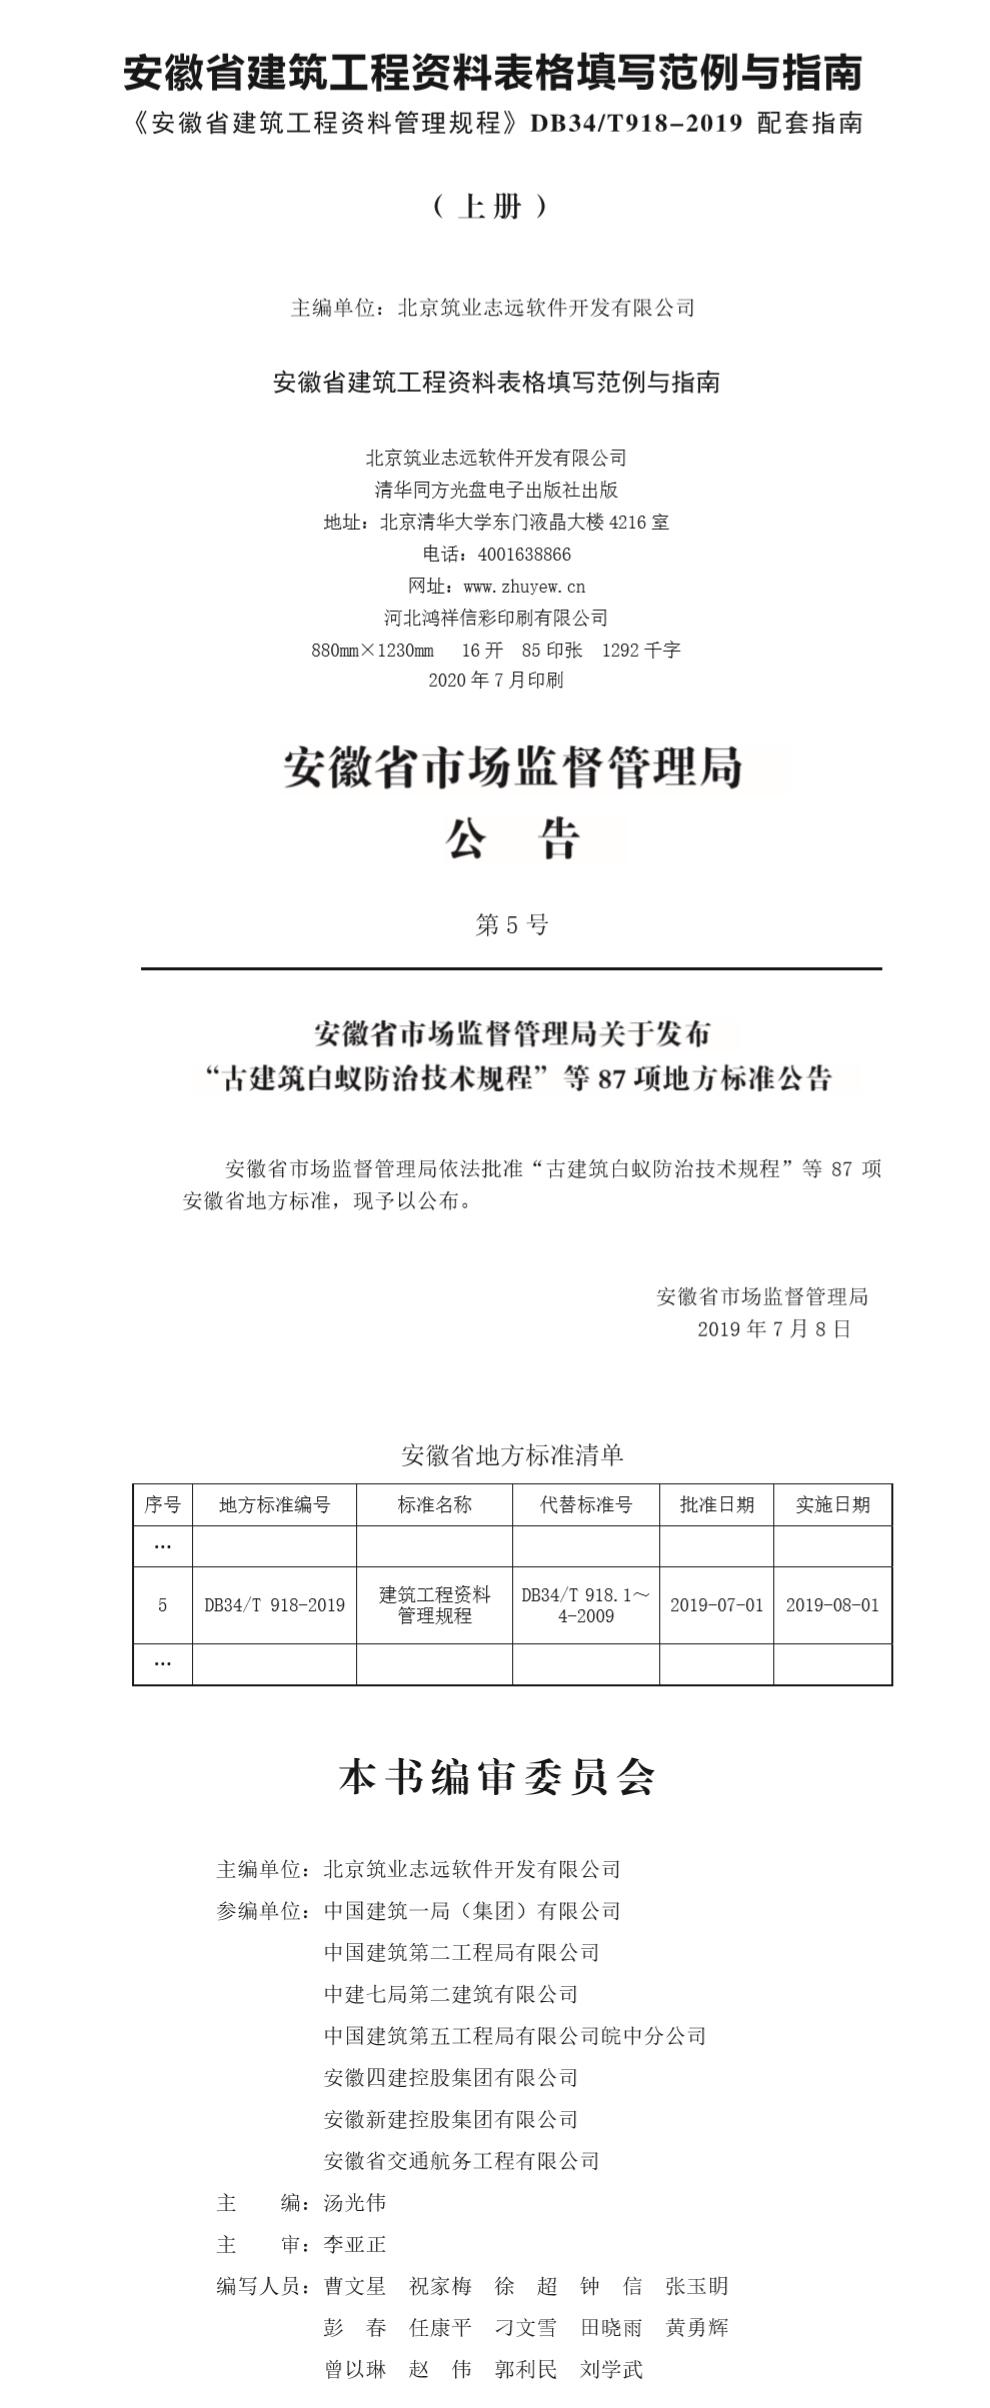 安徽范例书目录1.jpg